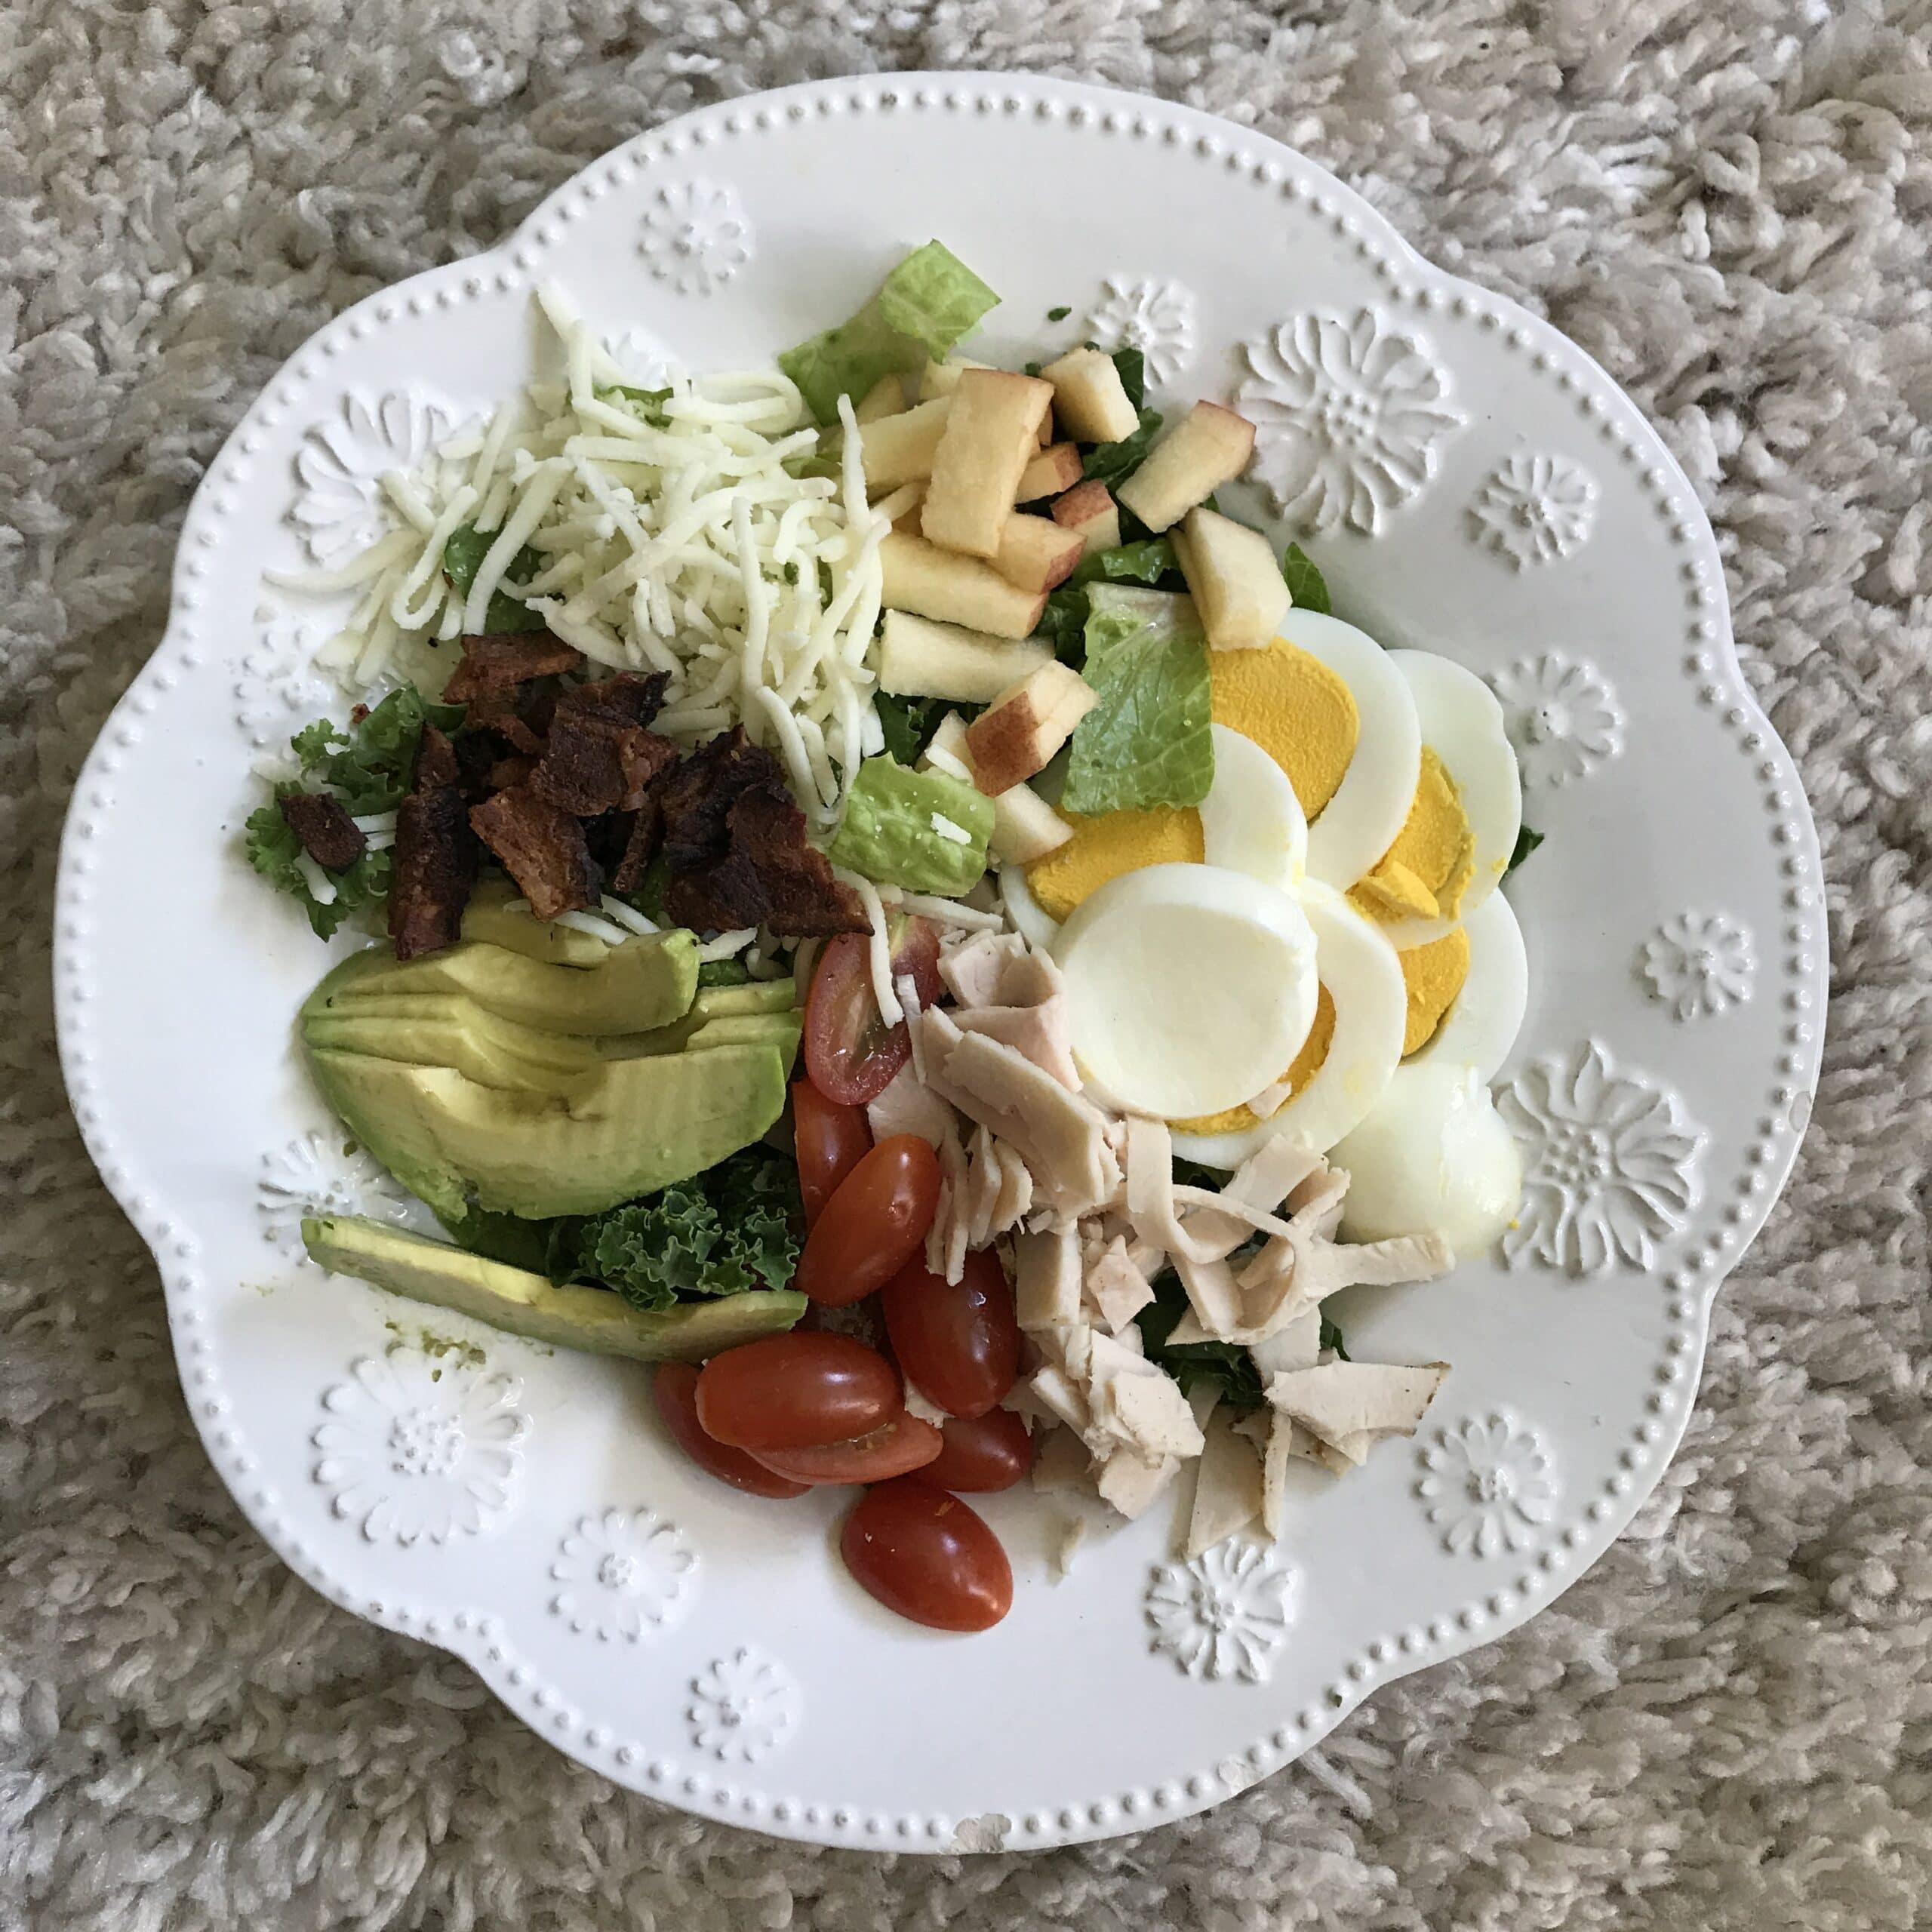 cobb salad on plate